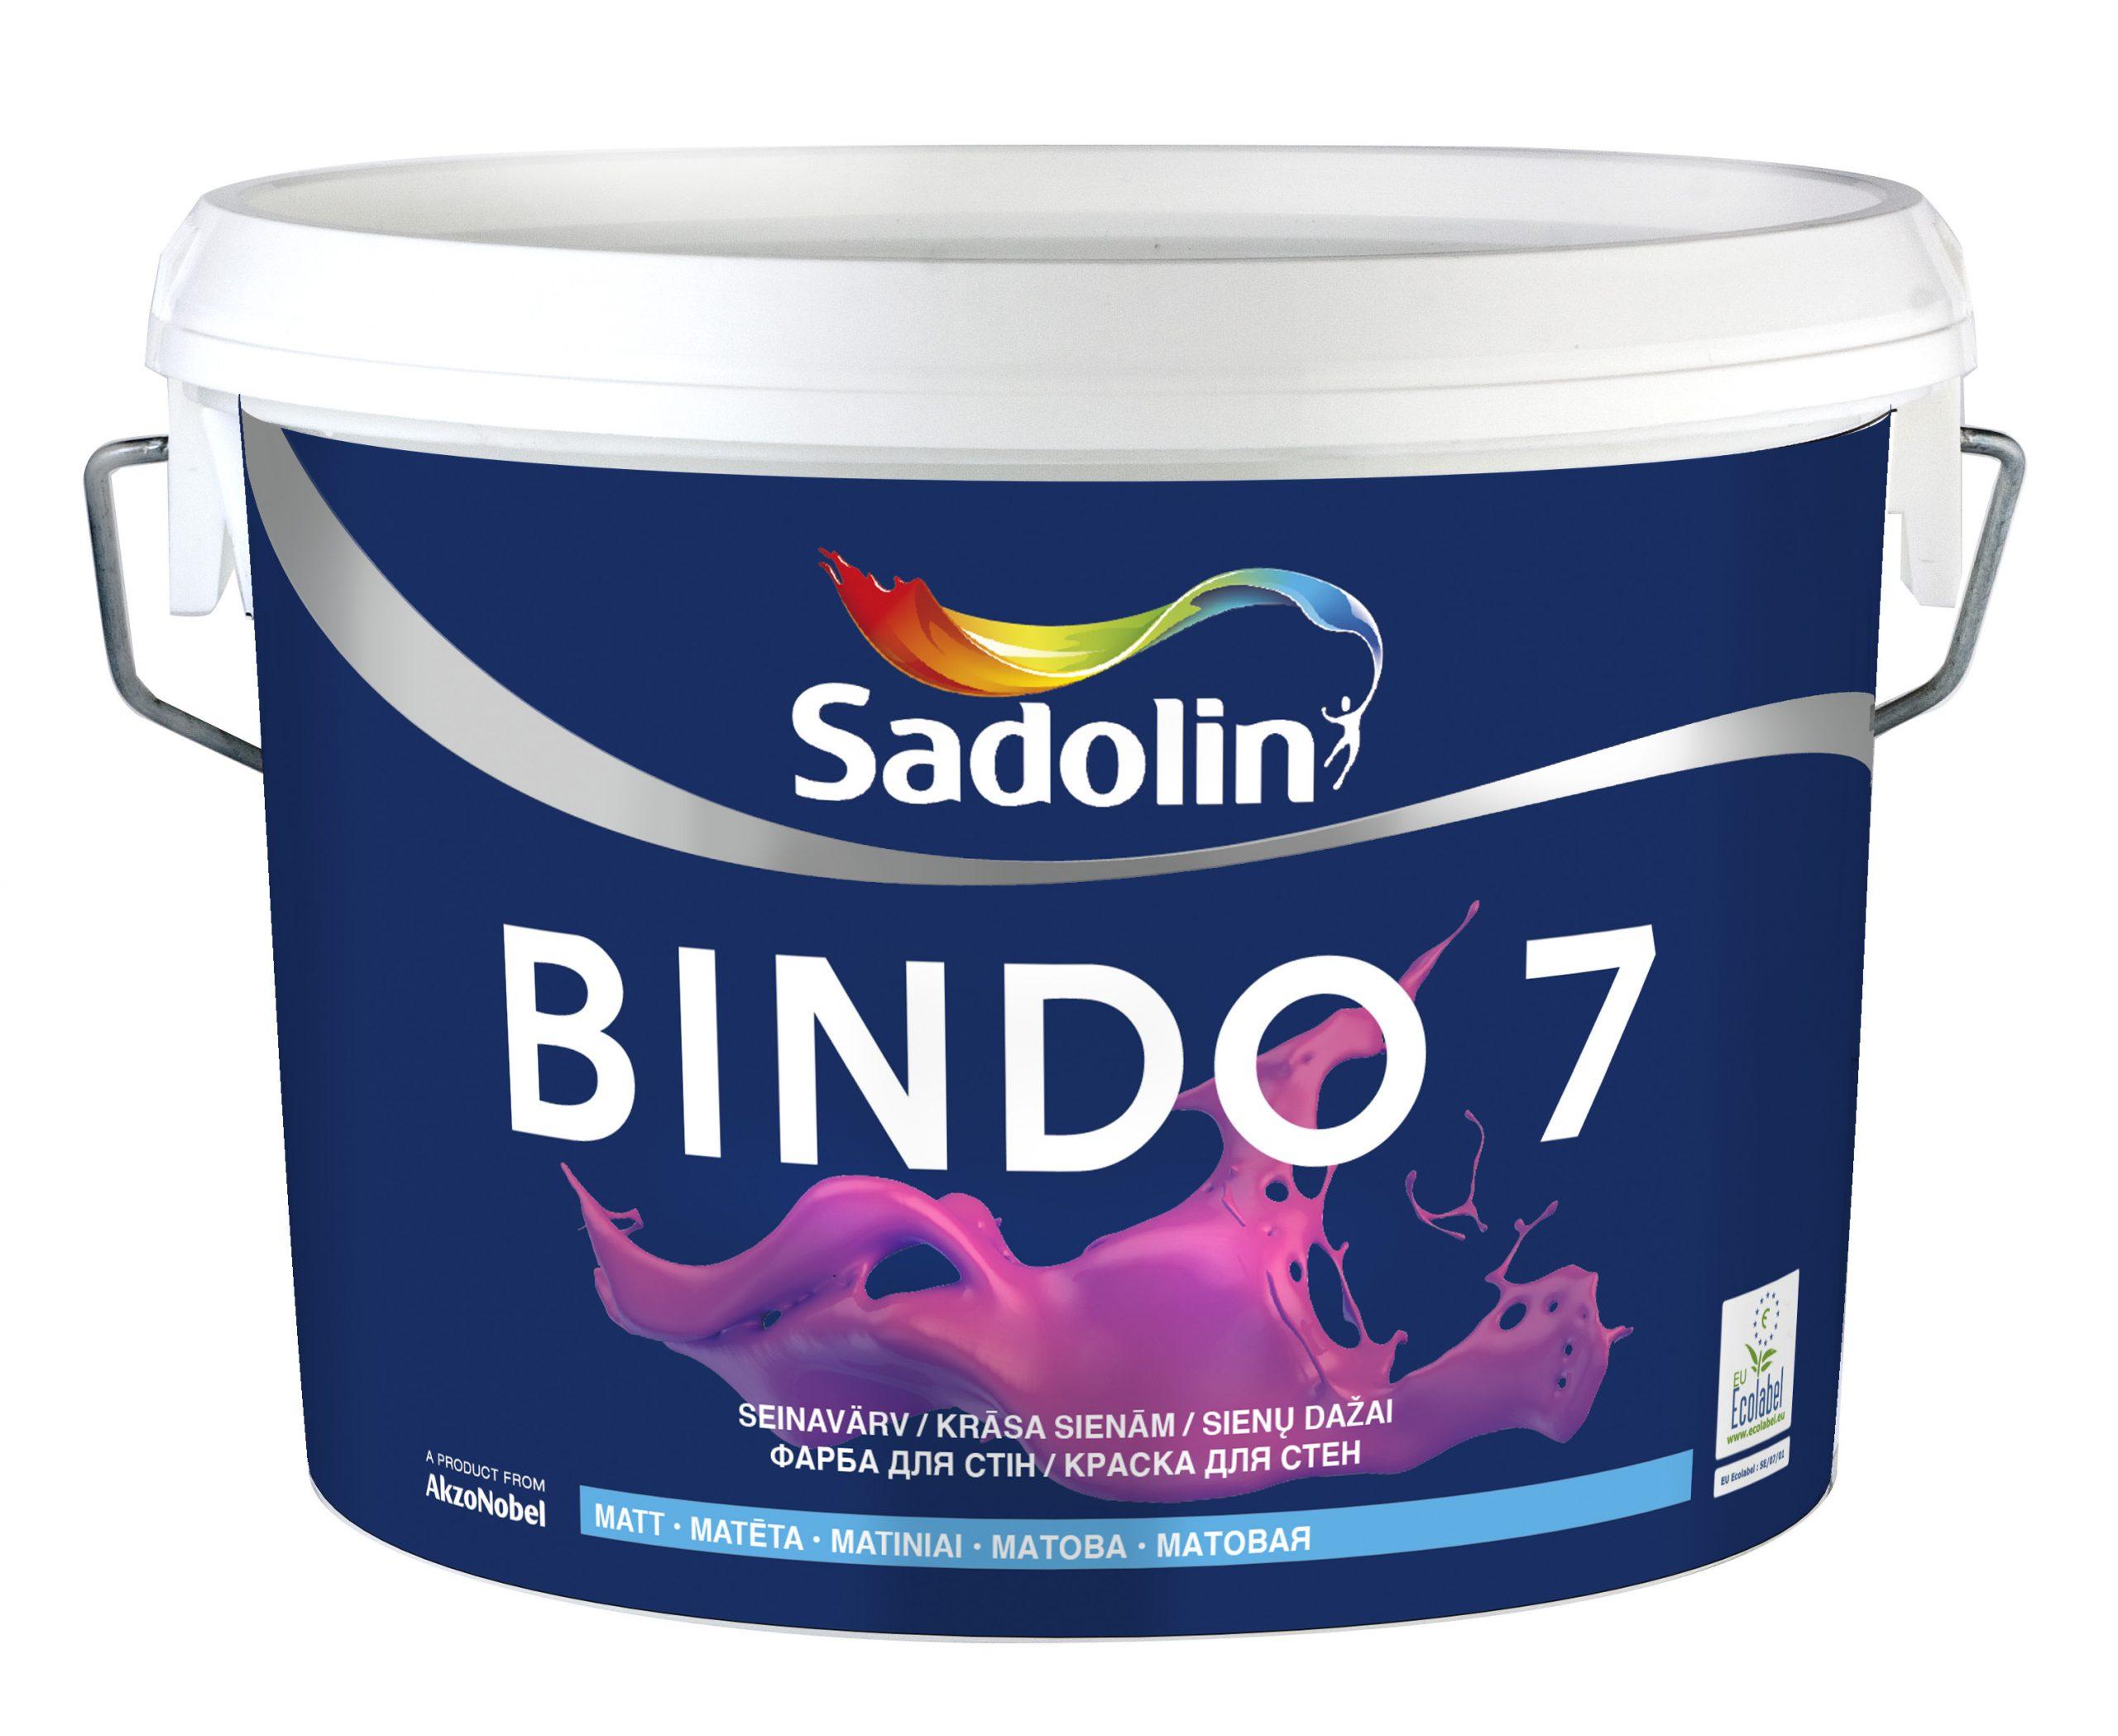 Bindo 7 2.5L